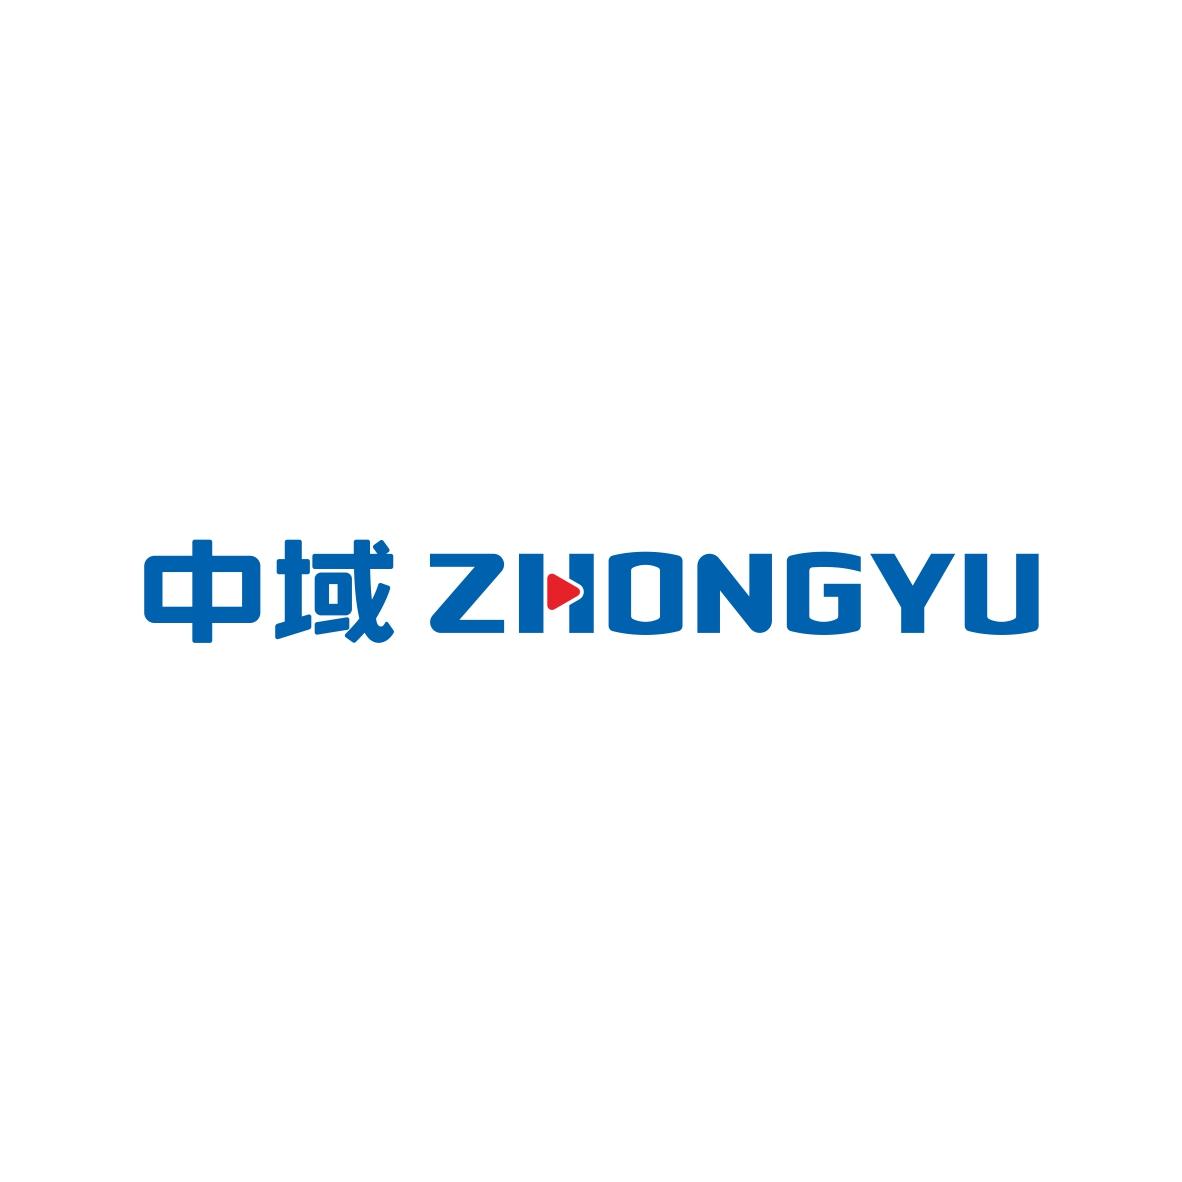 中域电讯连锁集团股份有限公司